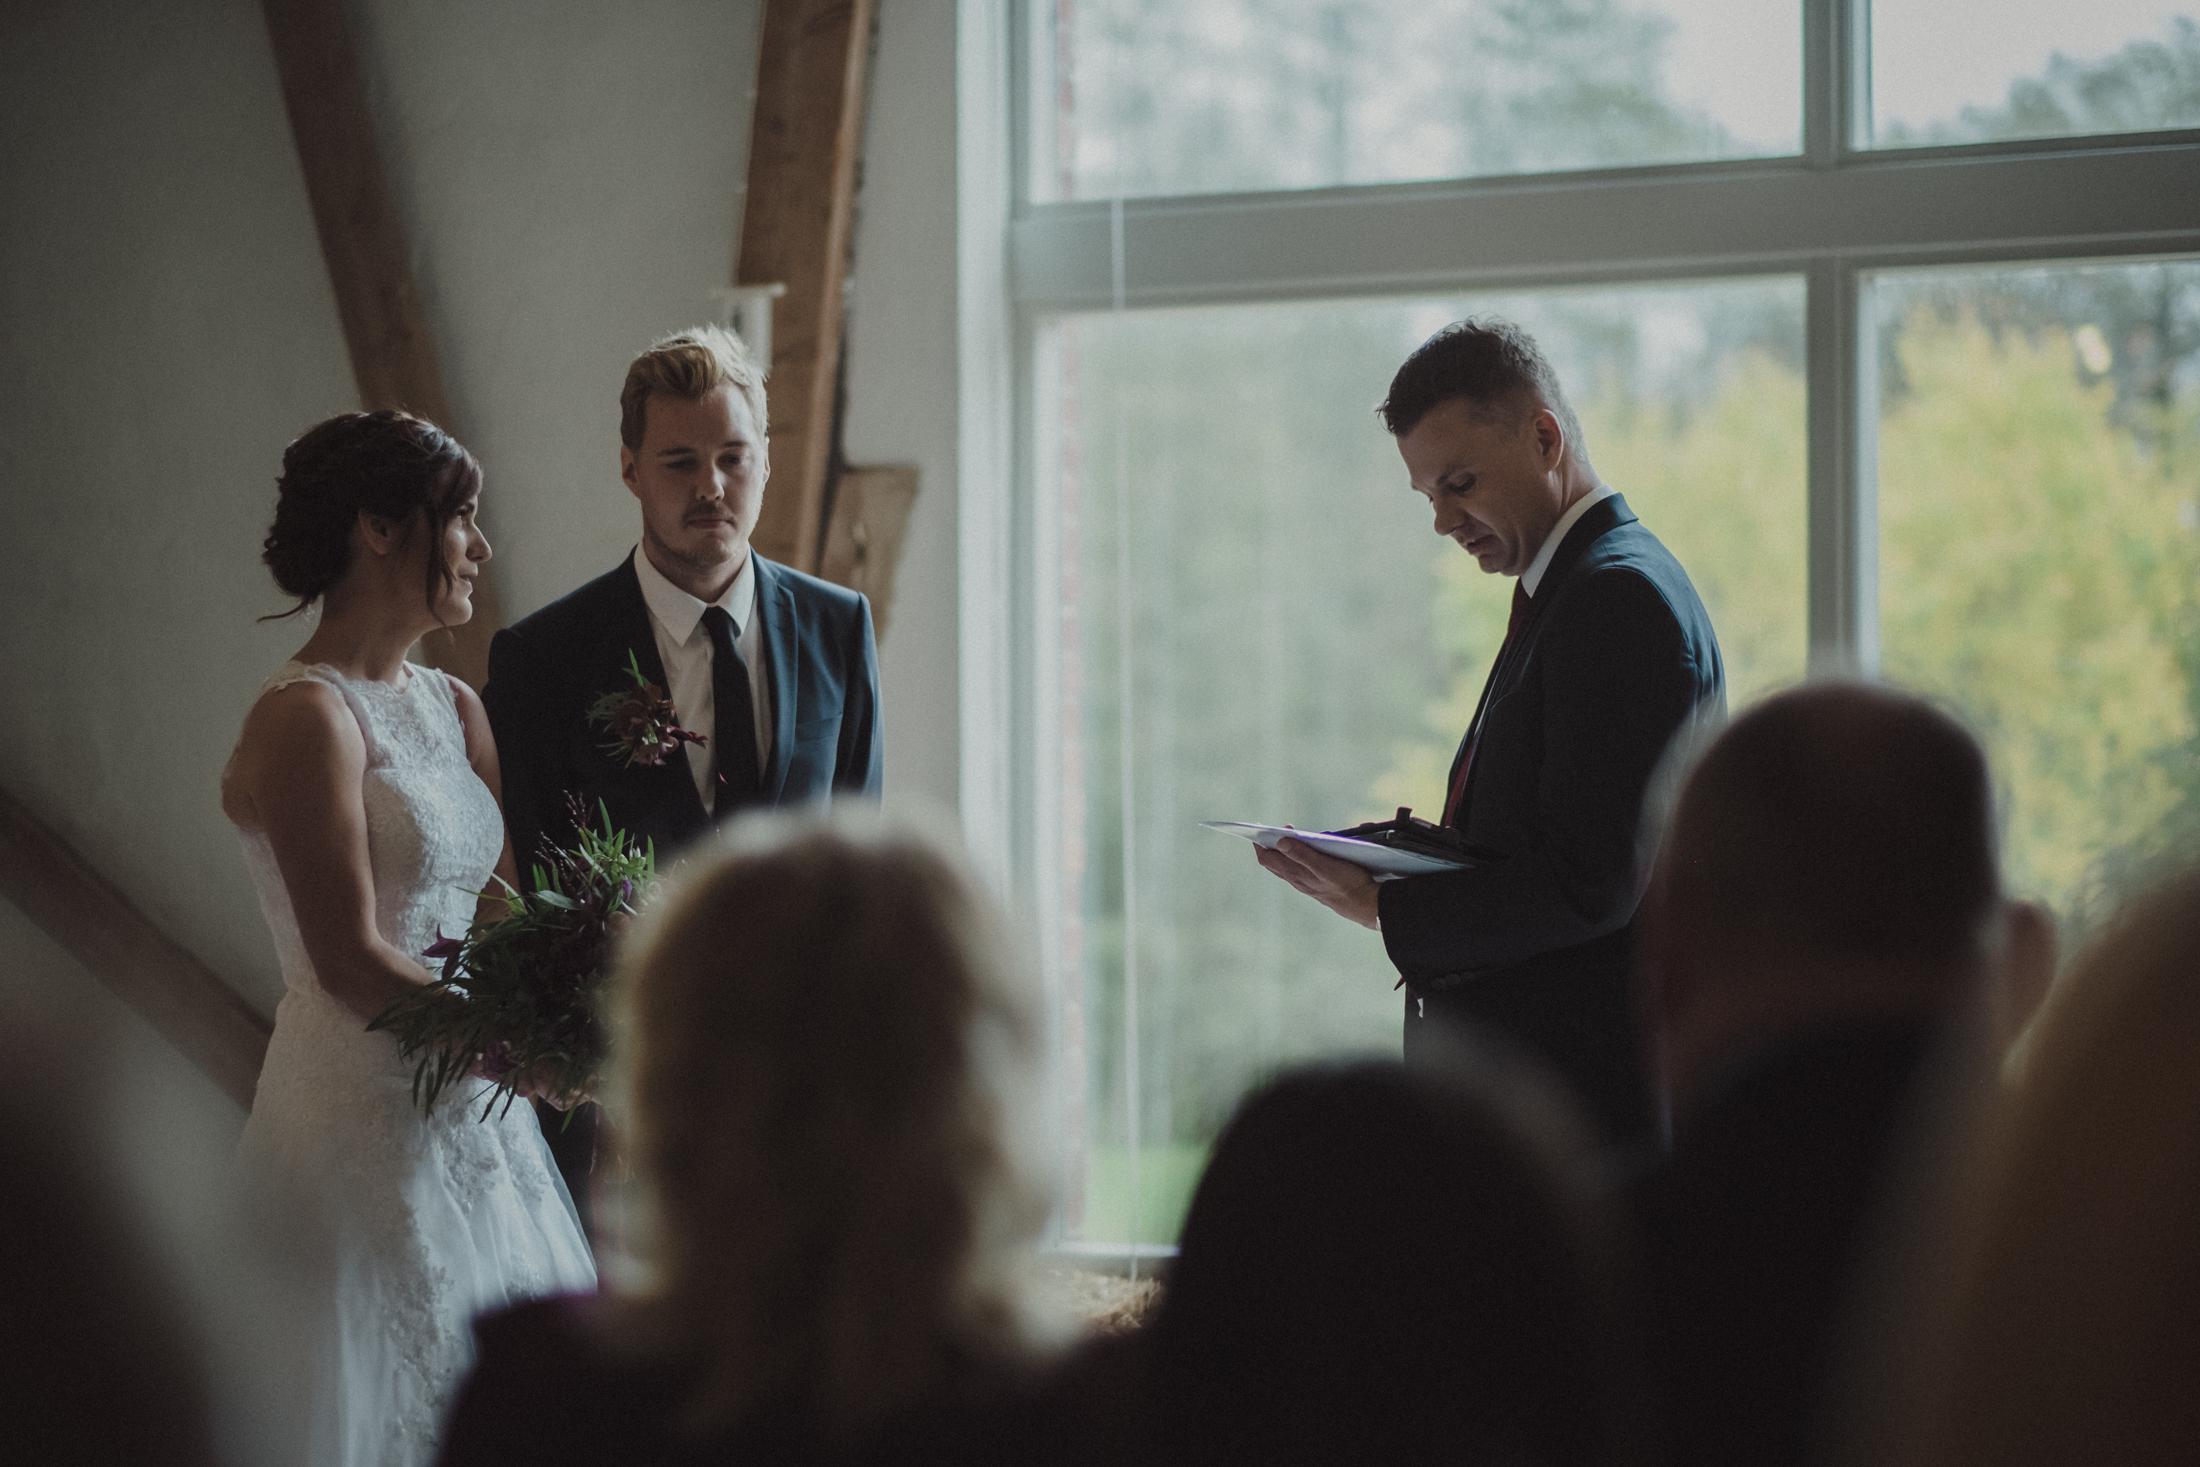 bröllopsfoto-fotograf-max-norin-137.jpg